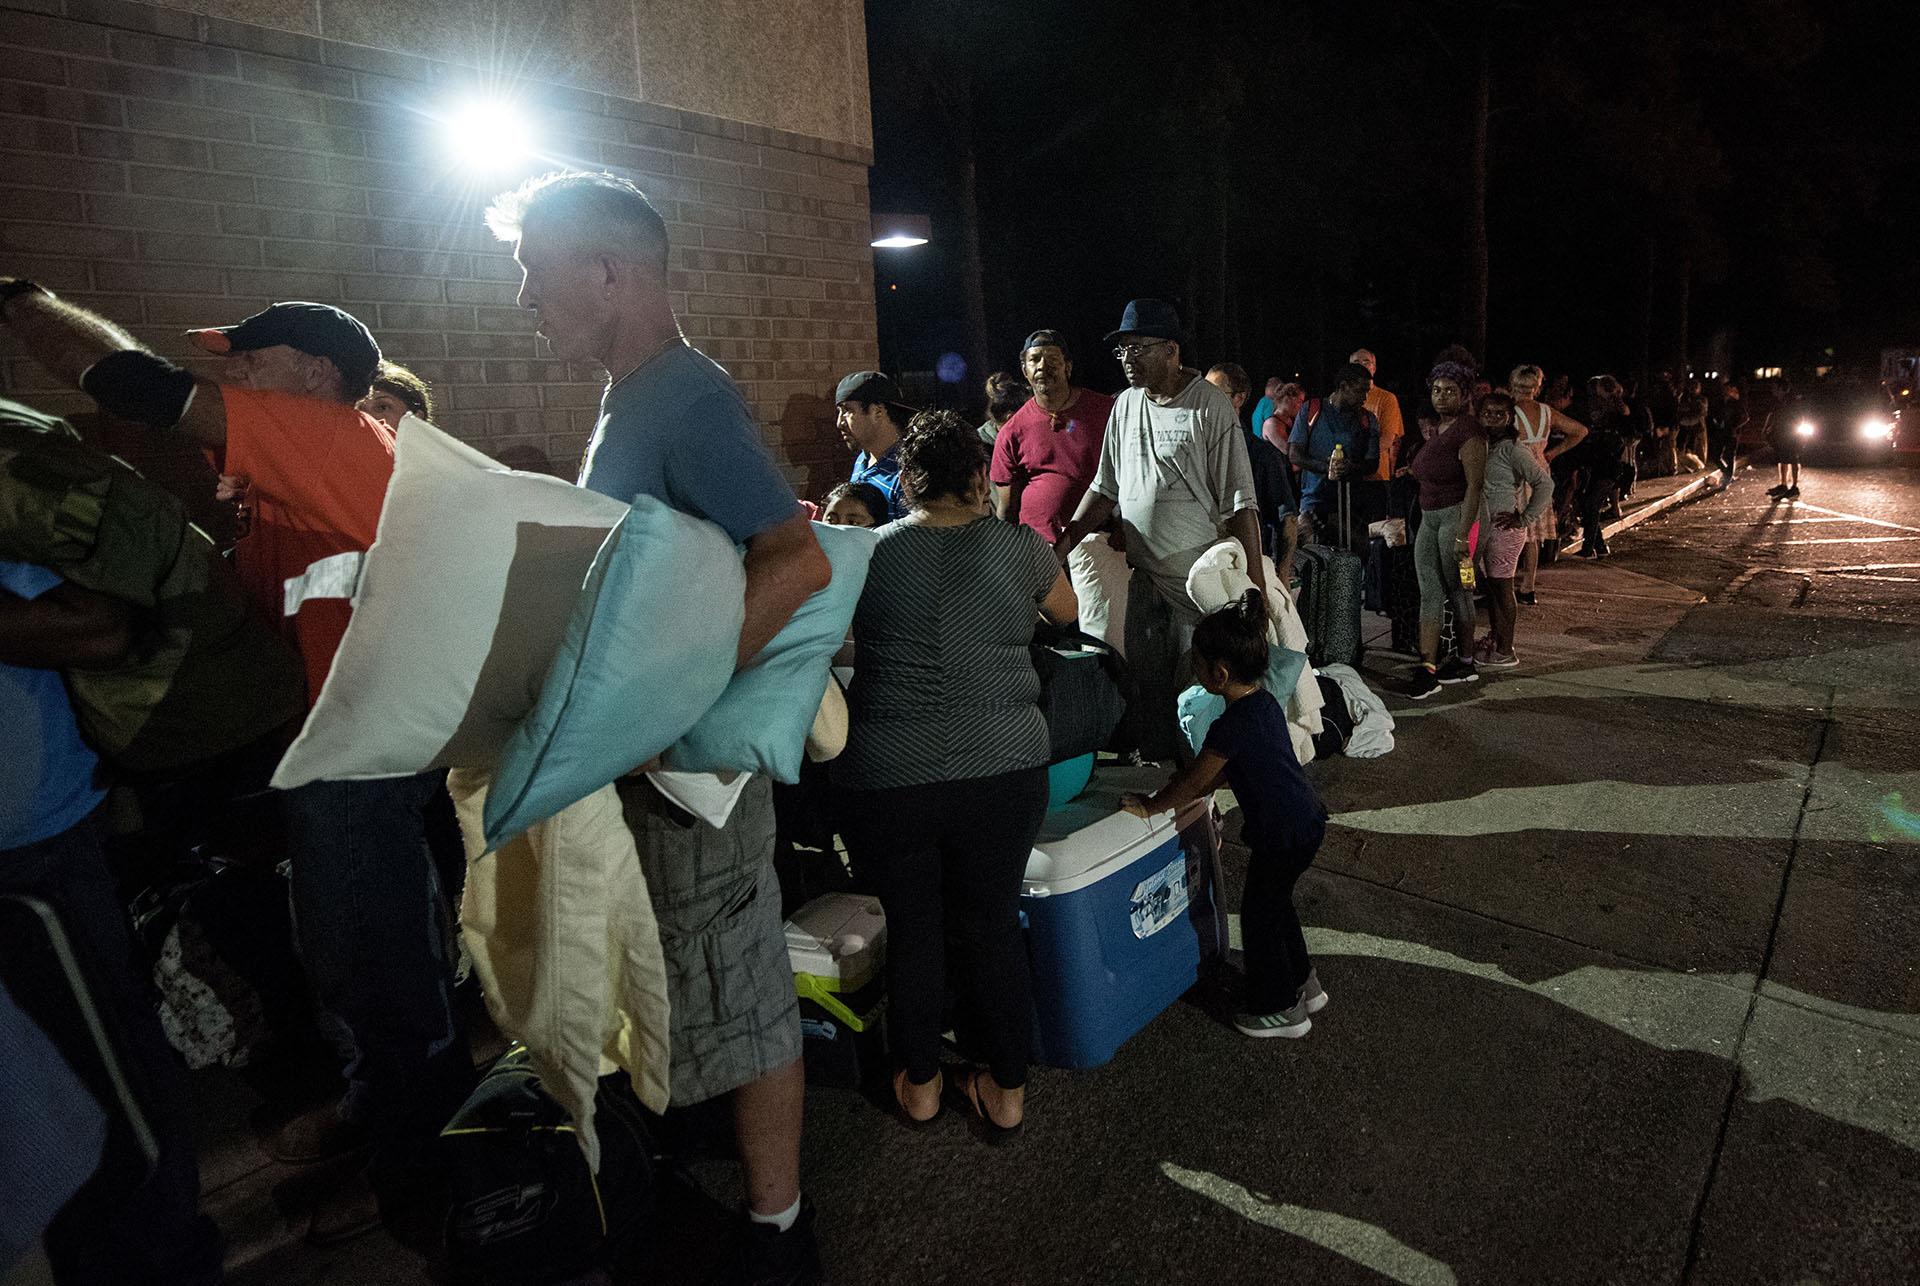 Personas evacuadas buscan refugio en la escuela secundaria Emma B. Trask ante la llegada del huracán Florence en Wilmington, Carolina del Norte (EFE/CAITLIN PENNA)